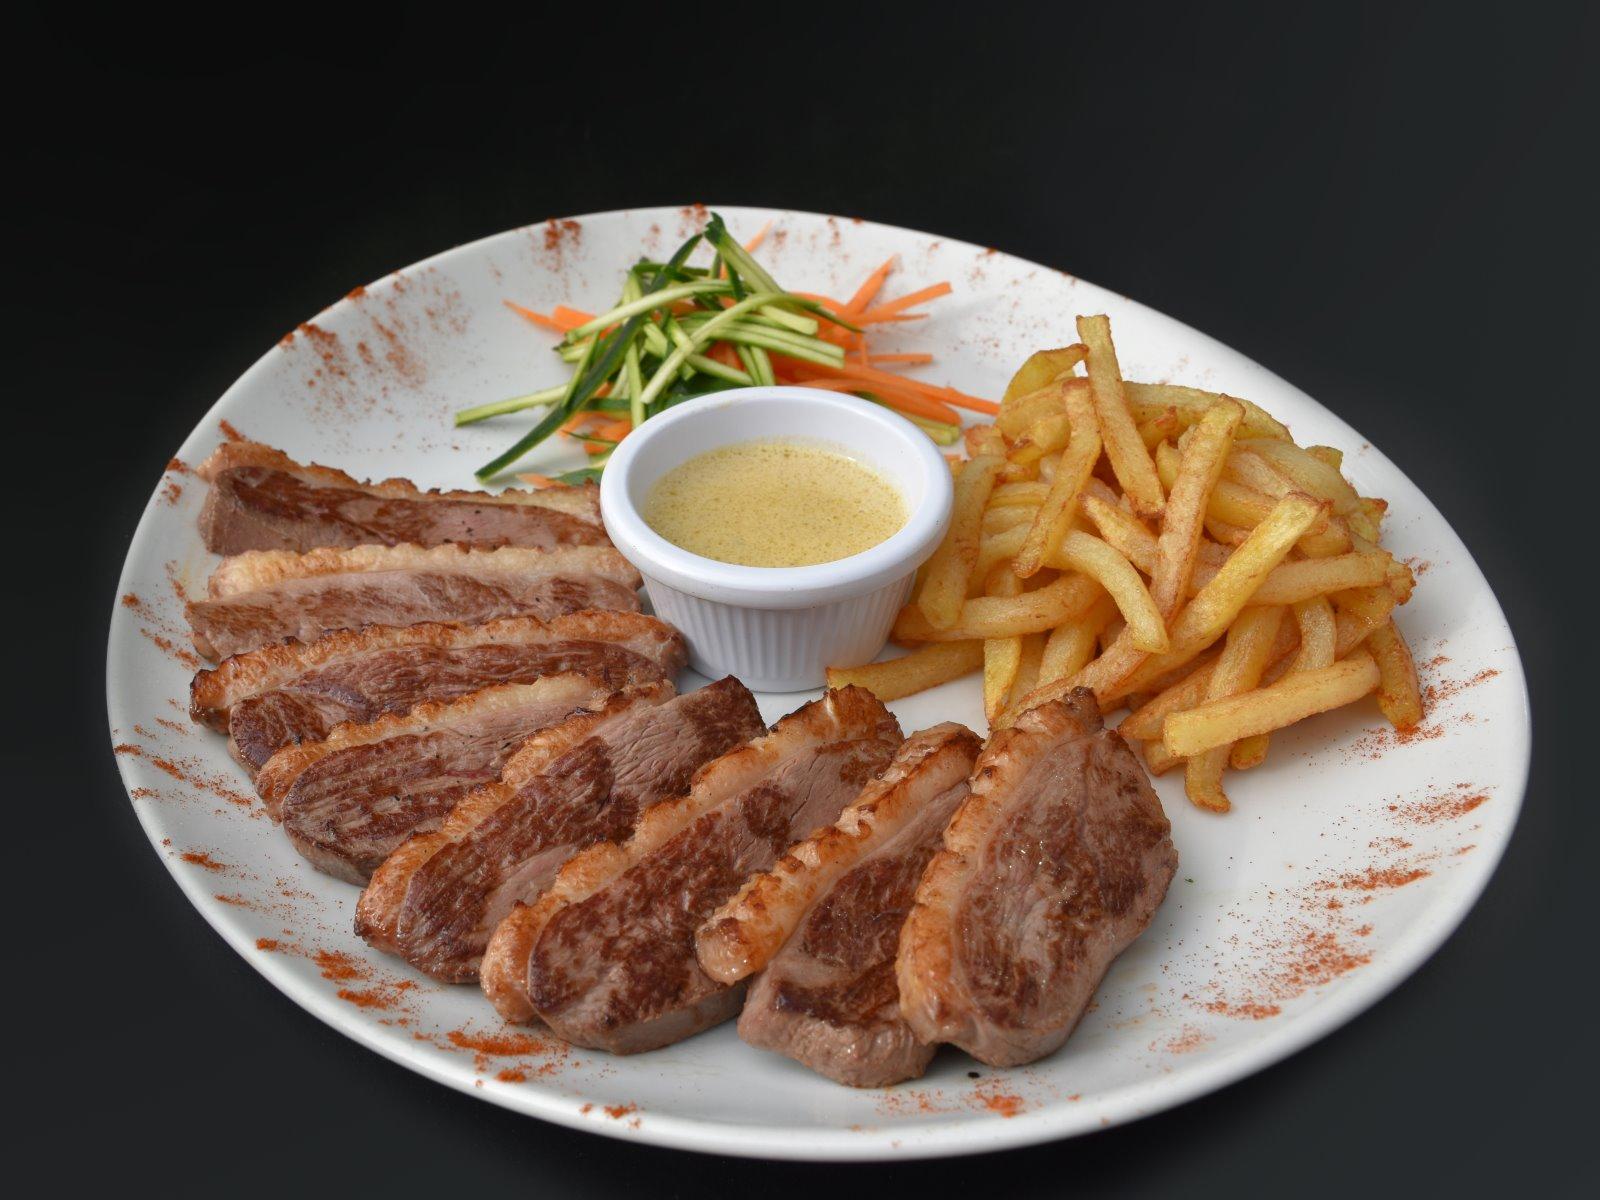 Restaurant de gastronomie fran aise toulouse le - Comptoir gourmand toulouse ...